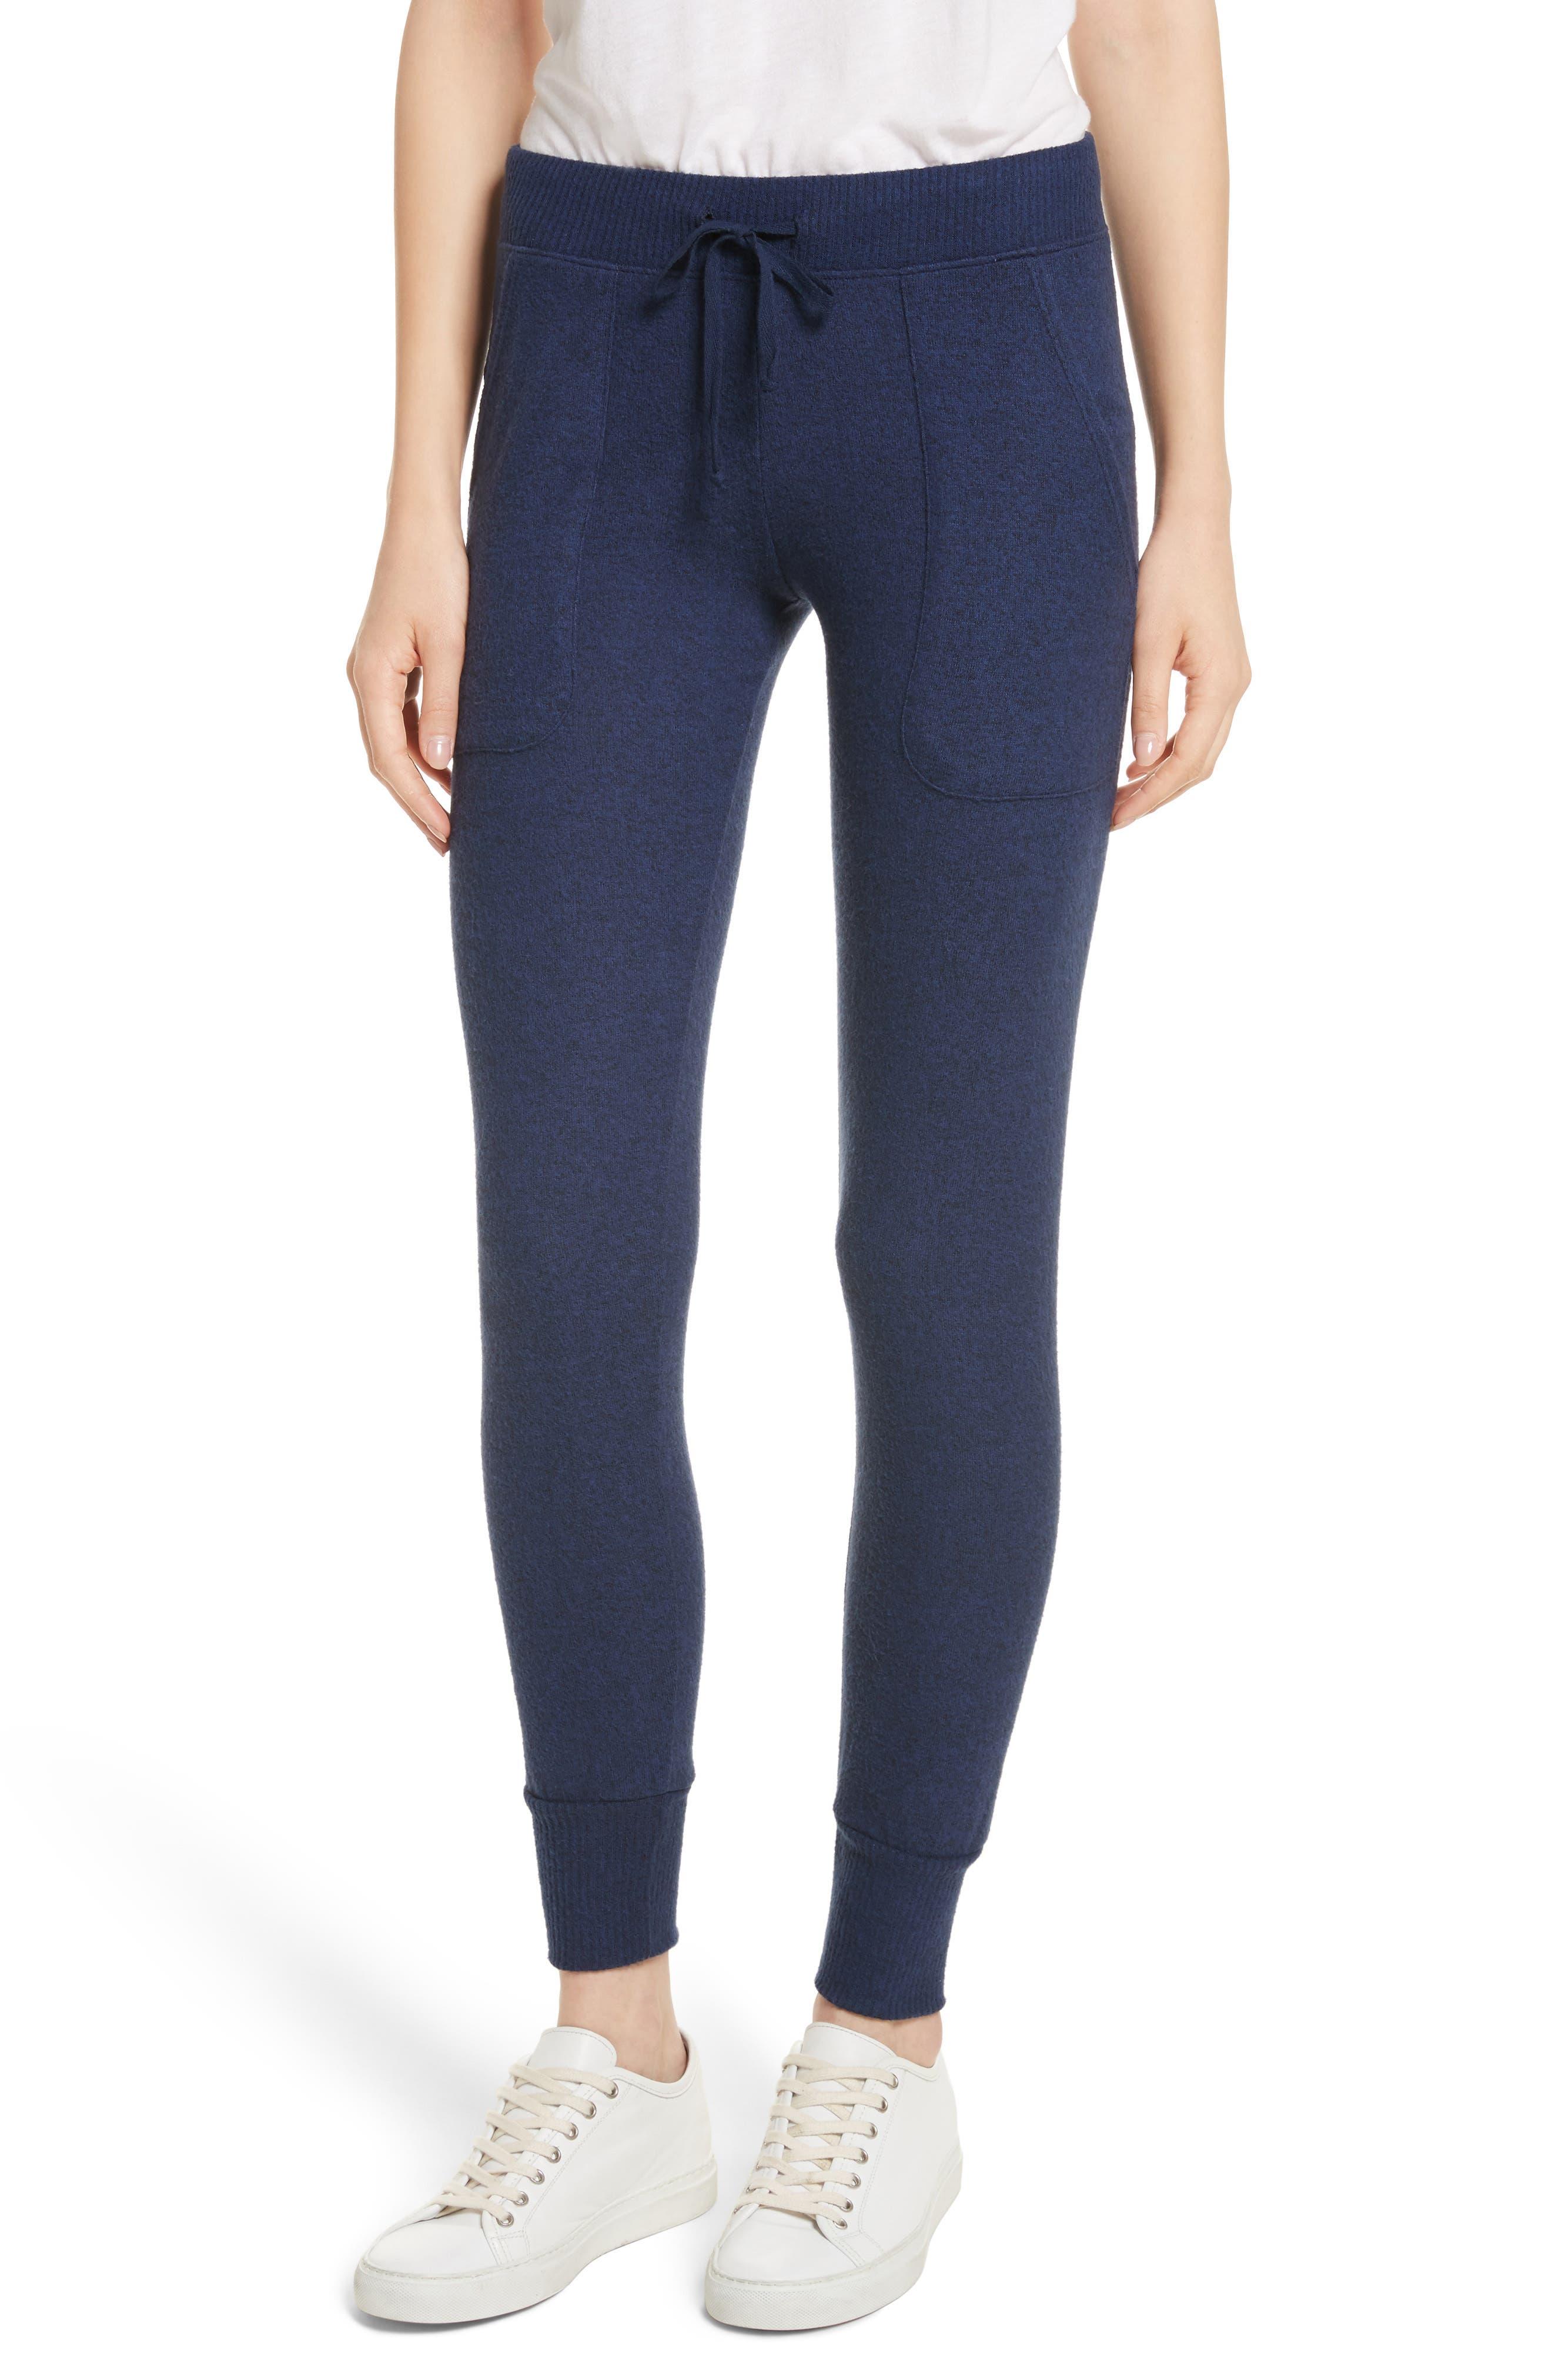 Tendra Jogger Pants,                         Main,                         color, Peacoat